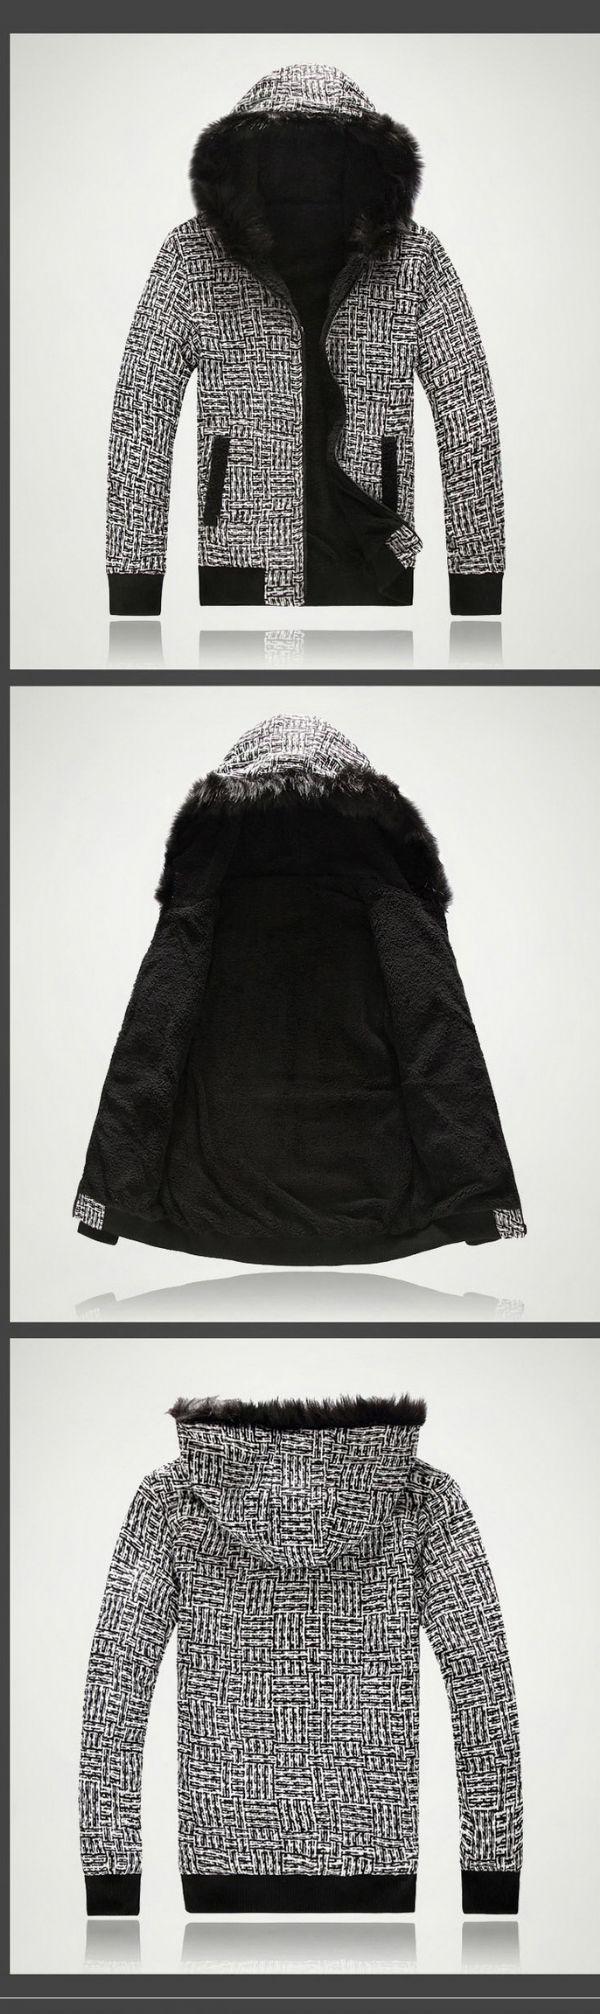 เสื้อกันหนาวผู้ชายพร้อมส่ง : แจ๊คเก็ต cotton หนาบุขน fur ใส่ได้ 2 ด้าน